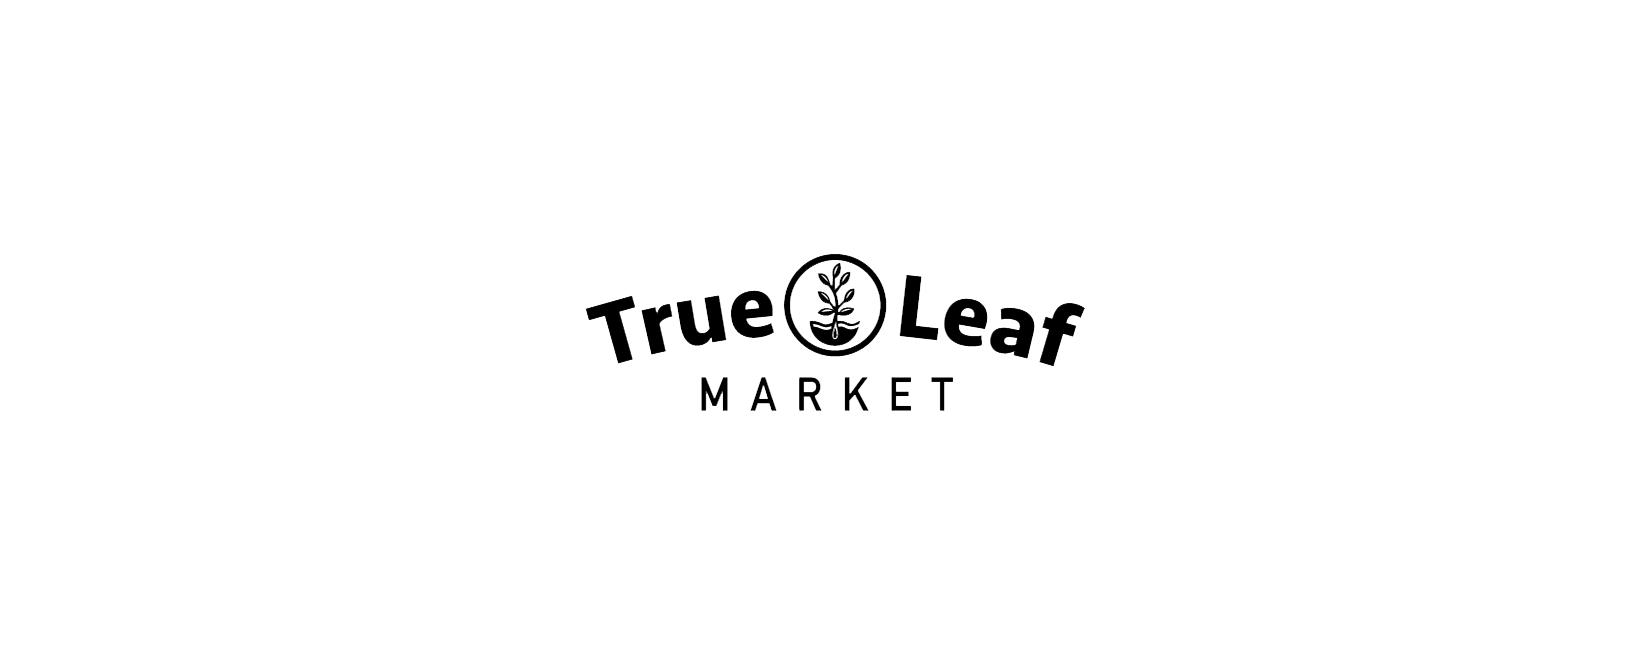 True Leaf Market Coupon Code 2021